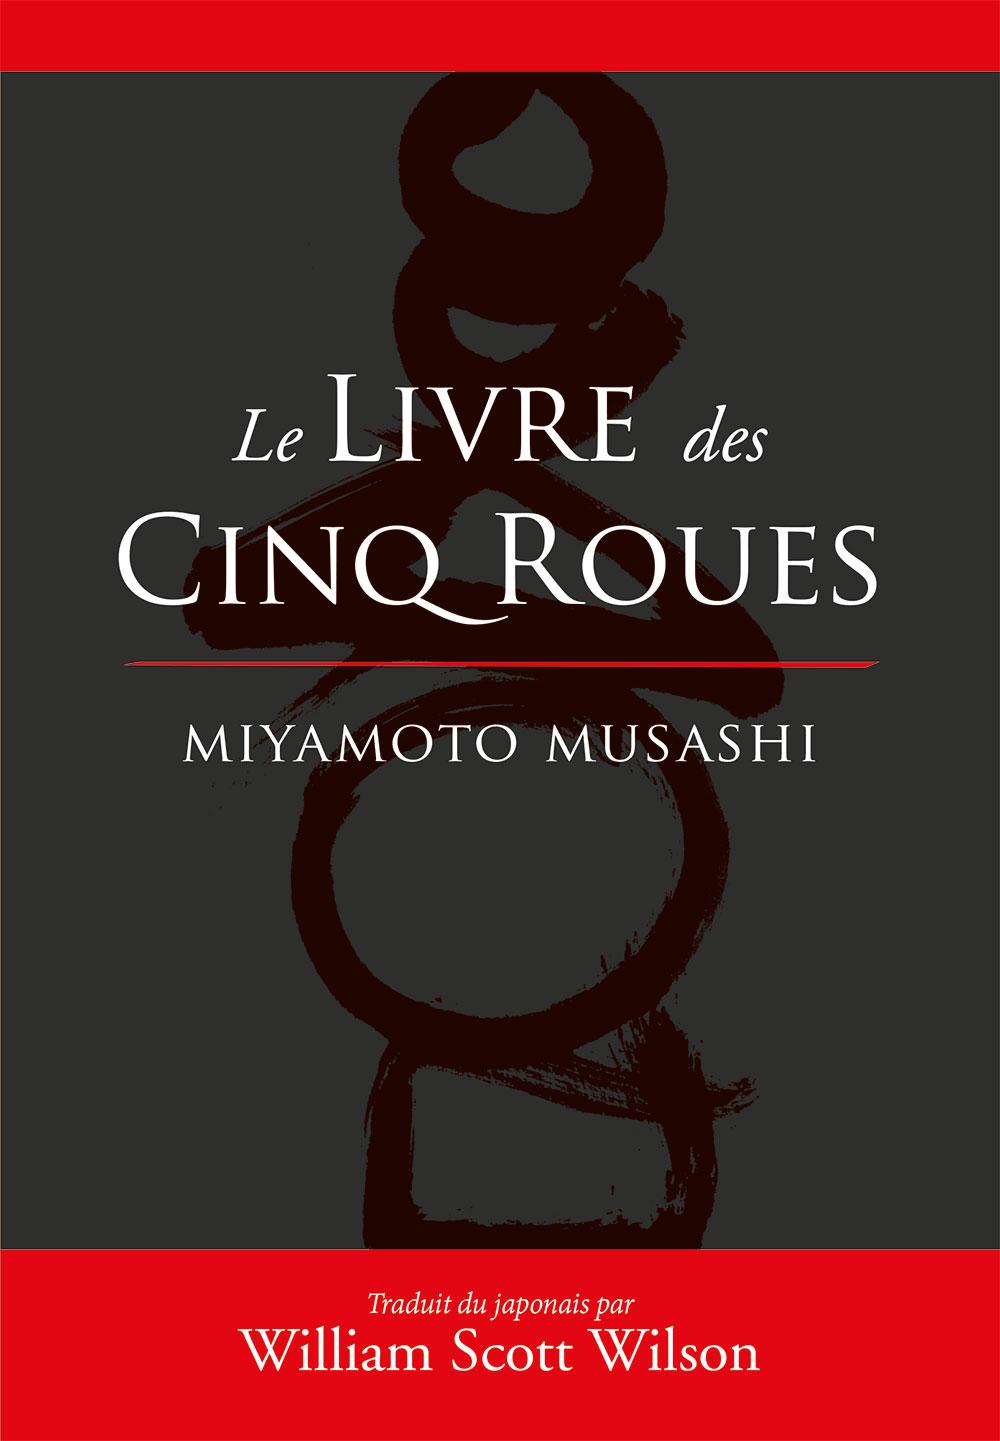 LE LIVRE DES CINQ ROUES (traduction W.S. Wilson)